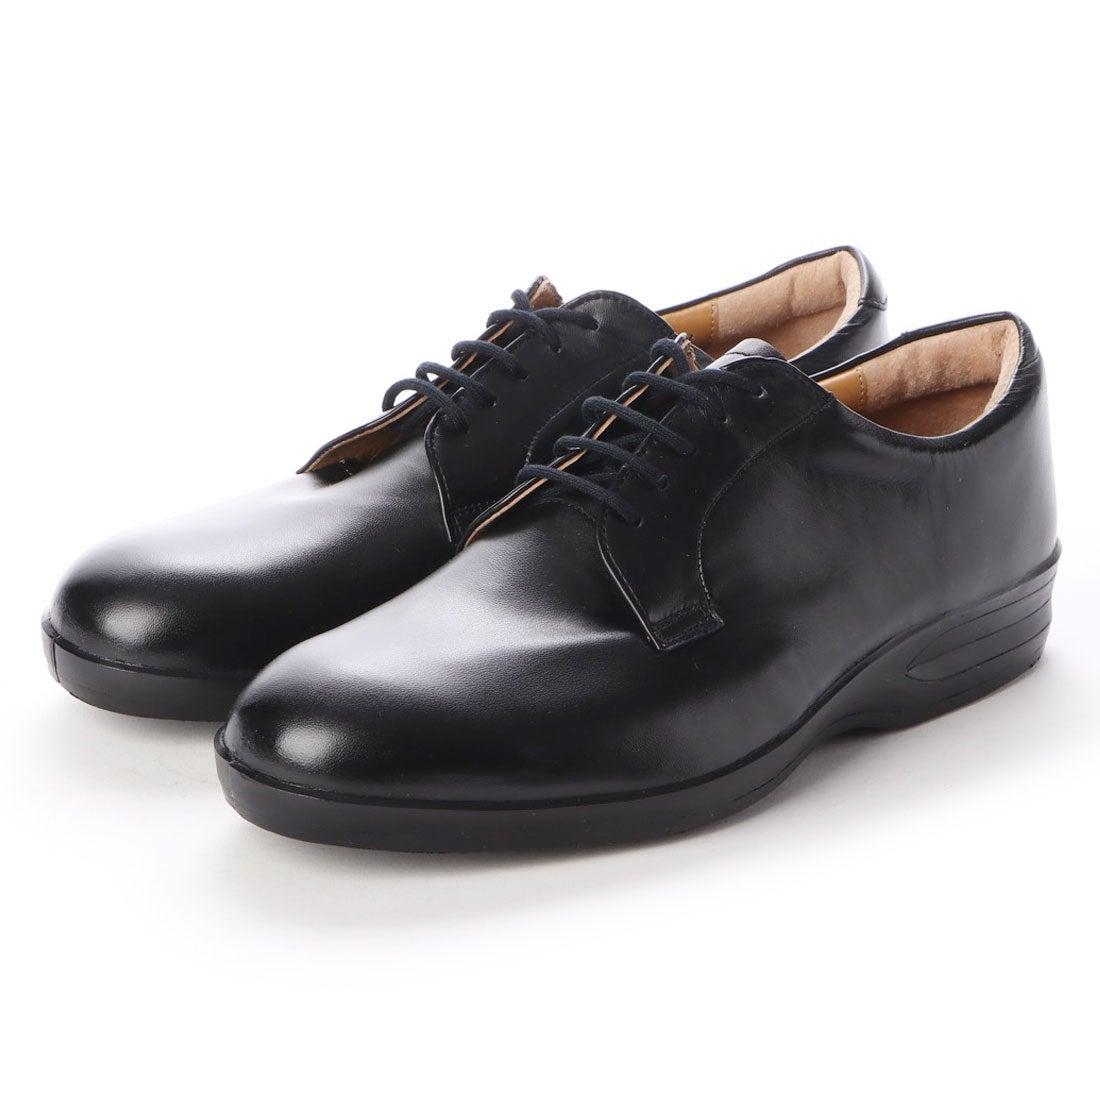 【大塚製靴 外羽根プレーントゥ OT-2013の画像コメント1】シュッとスマートなシルエットが多い大塚製靴には珍しい、ぽて顔の革靴です。